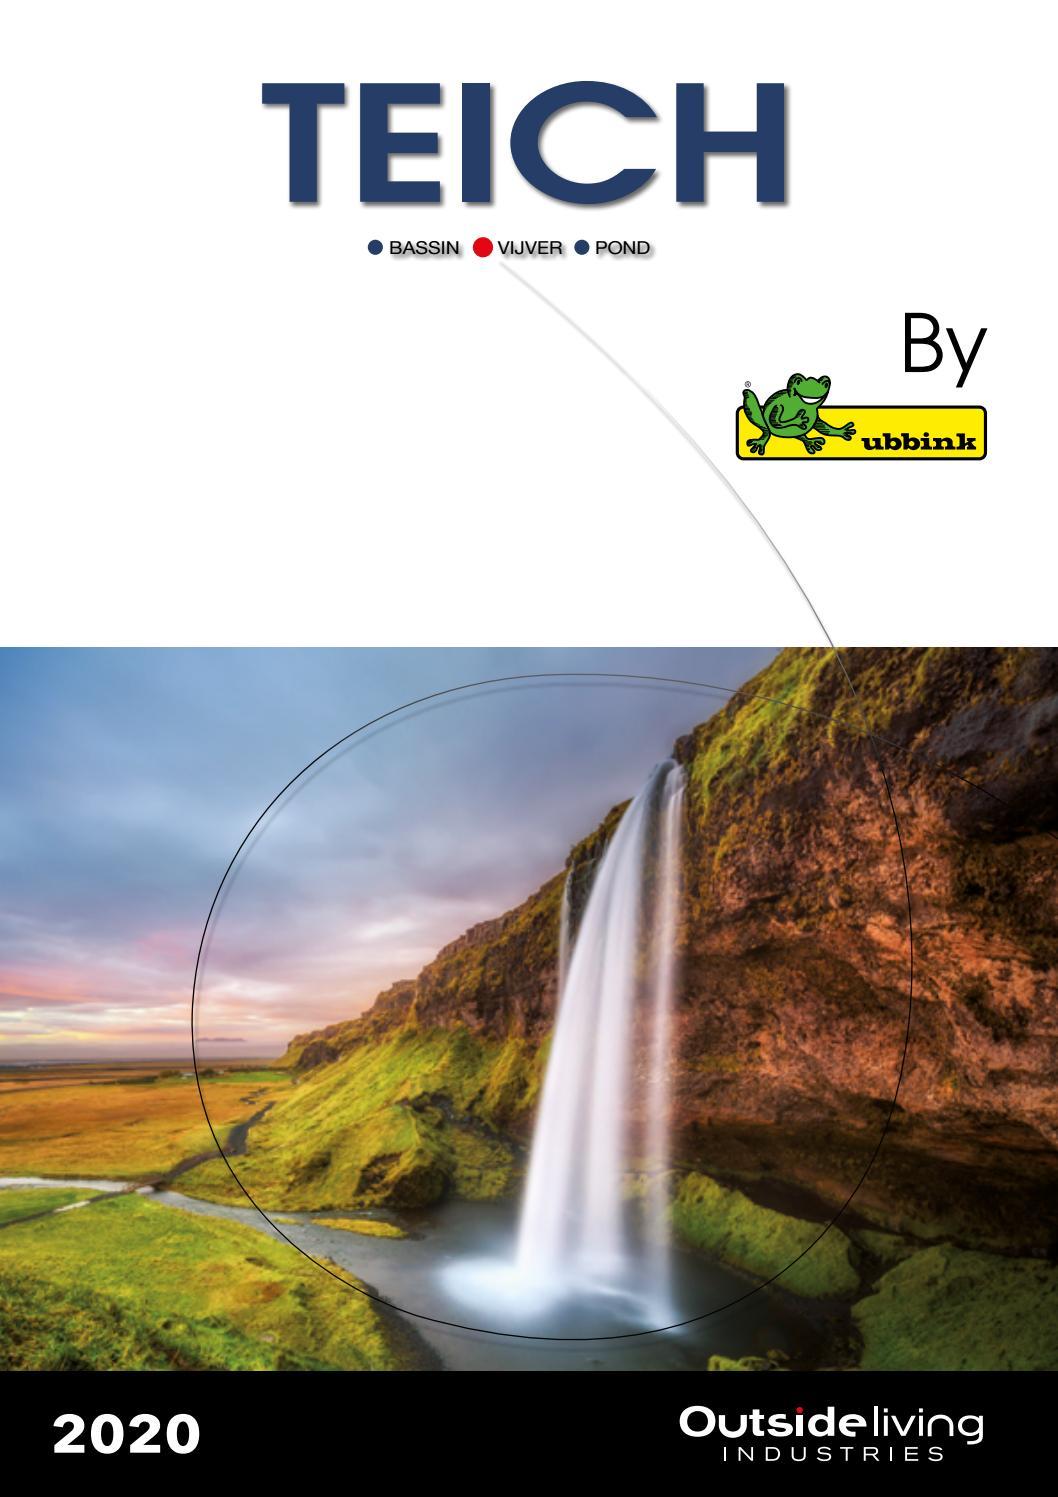 Profi Teichfilterpumpe Wasserfallpumpe 4500 Liter  fürTeichfilter und Wasserfall